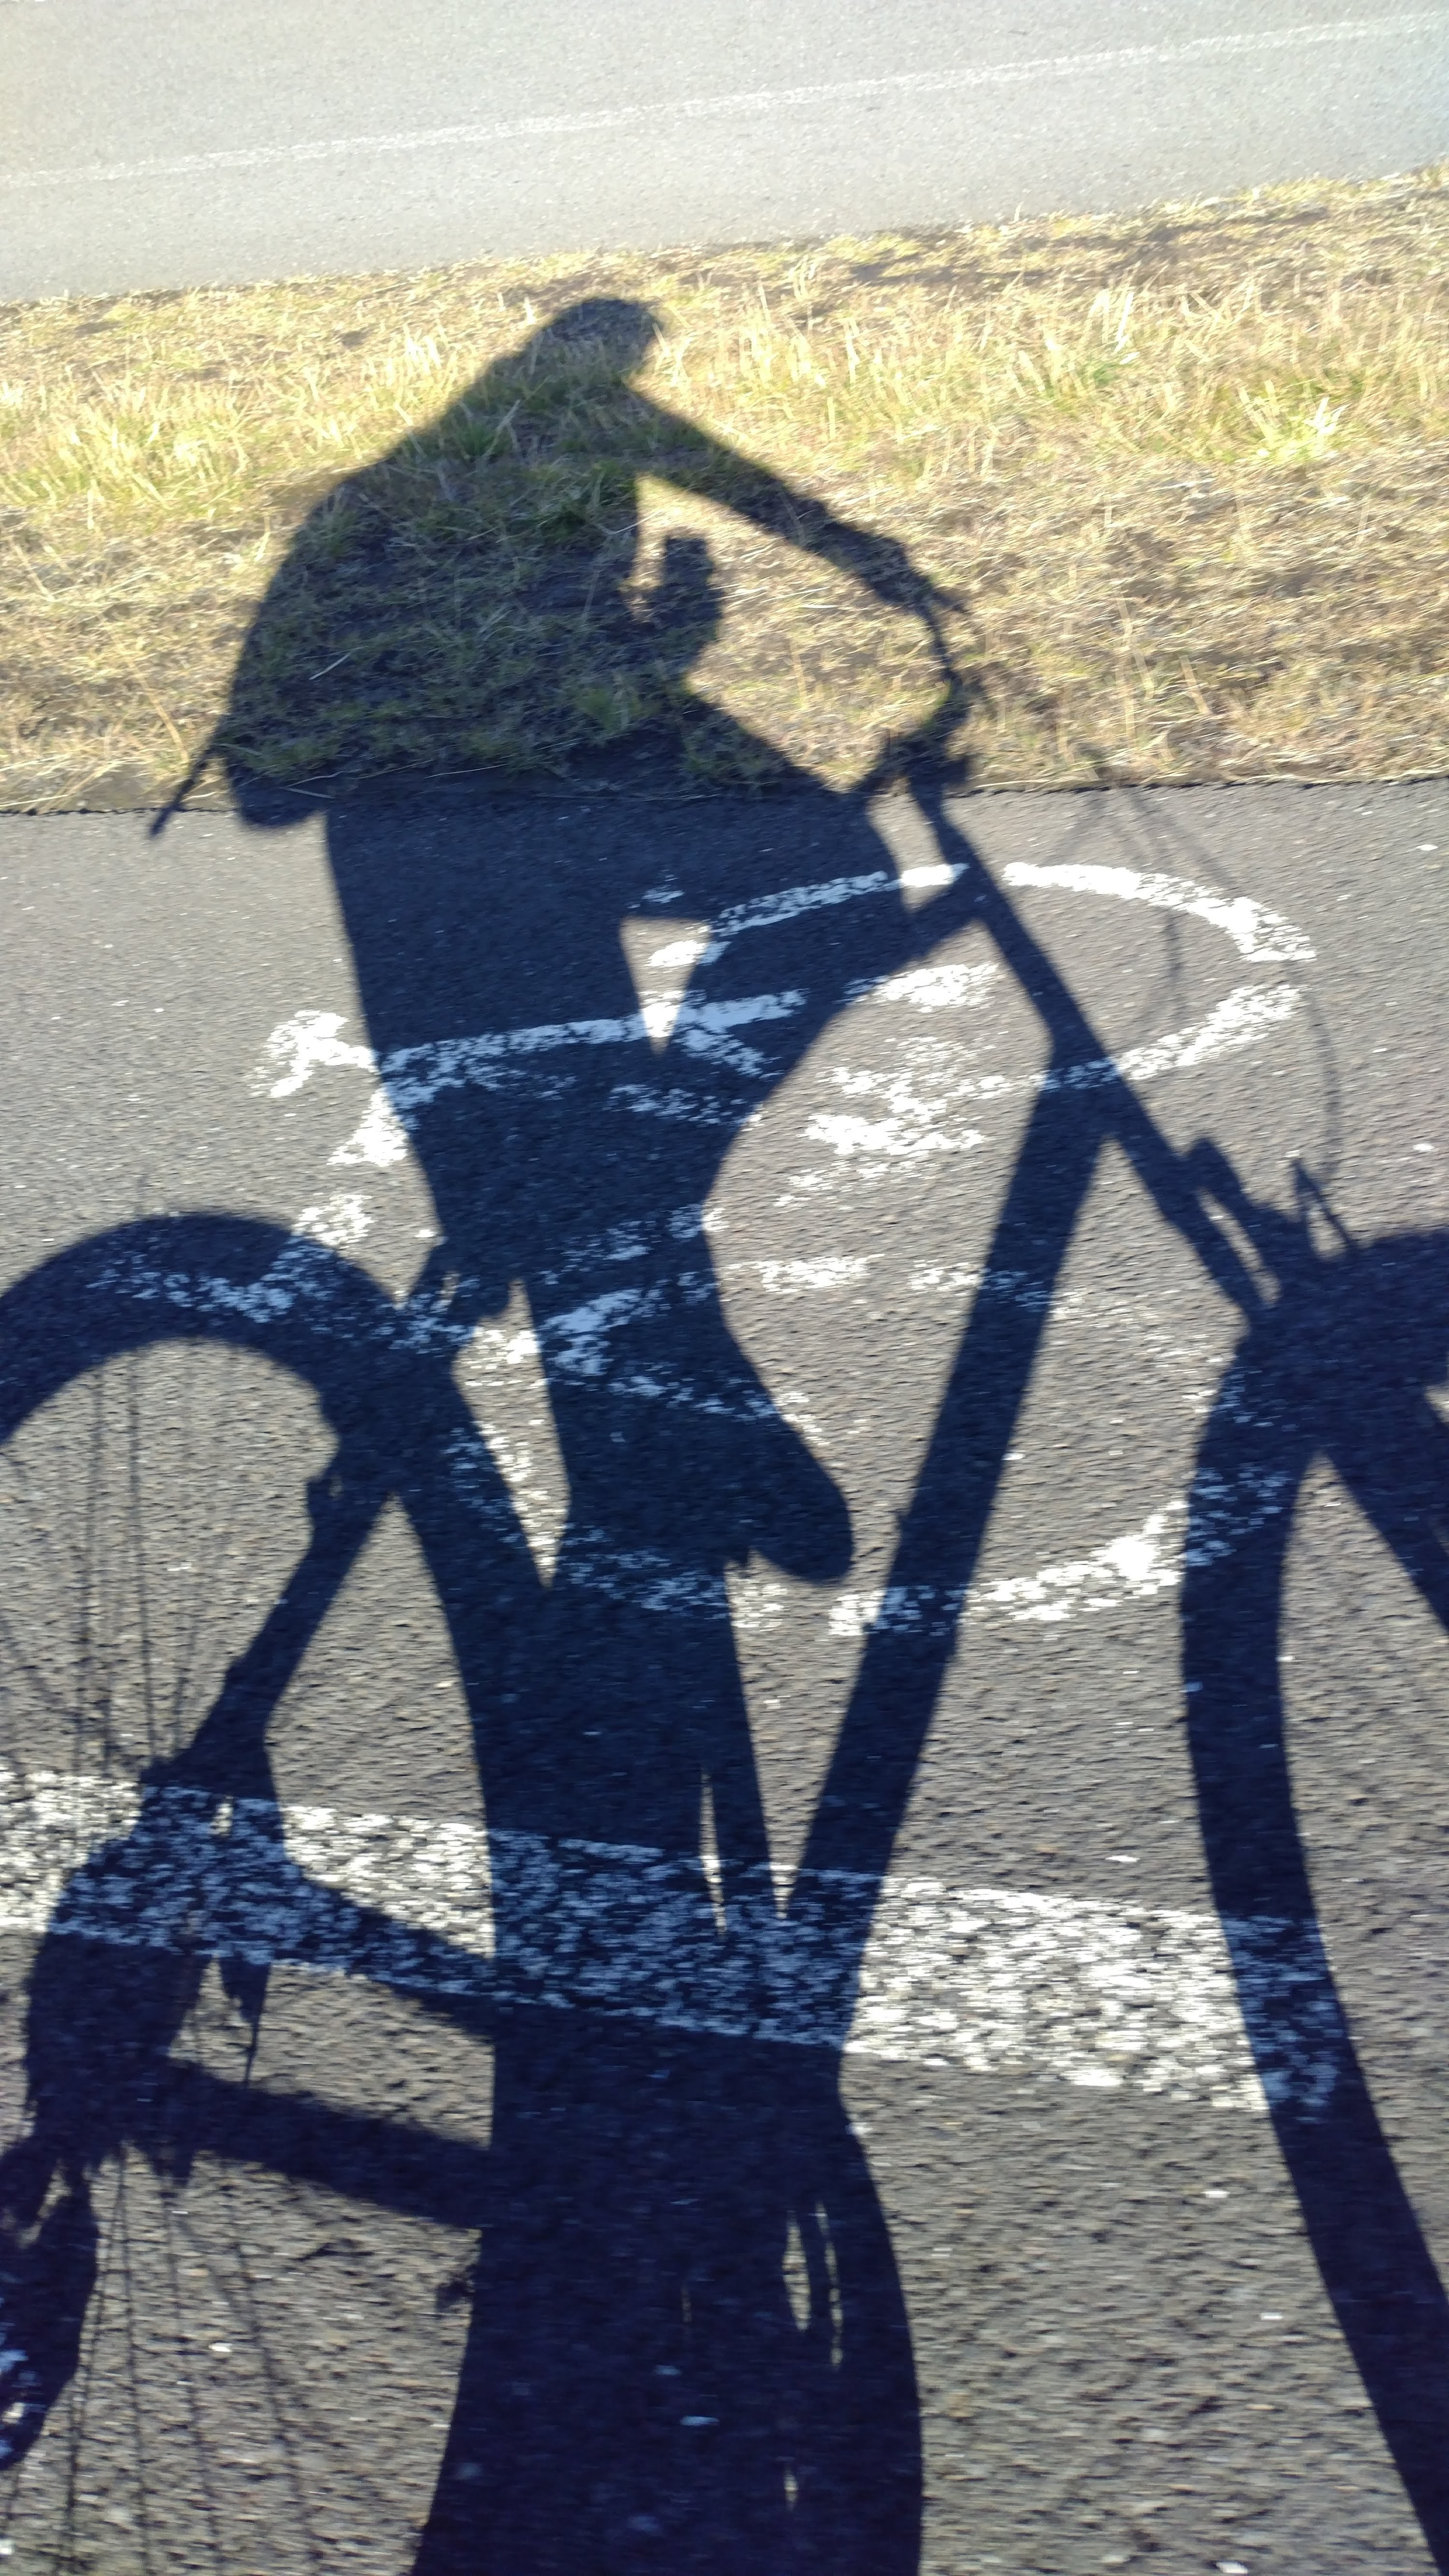 Bikebike